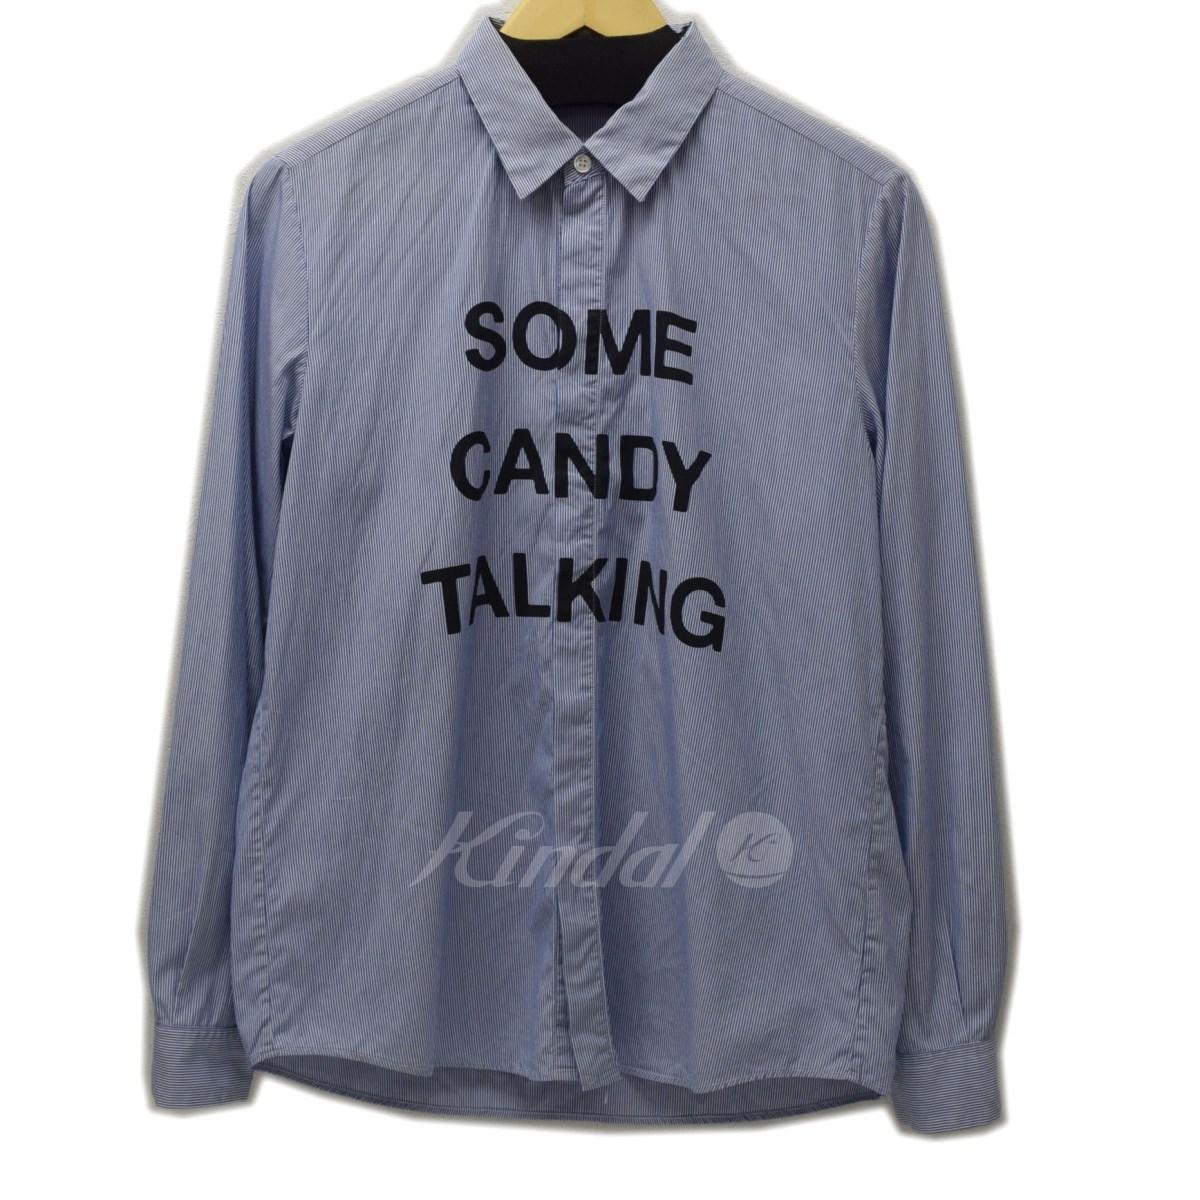 【中古】UNDER COVER ISM 2014SS SOME CANDY TALKING ストライプシャツ ブルー サイズ:1 【送料無料】 【230219】(アンダーカバーイズム)